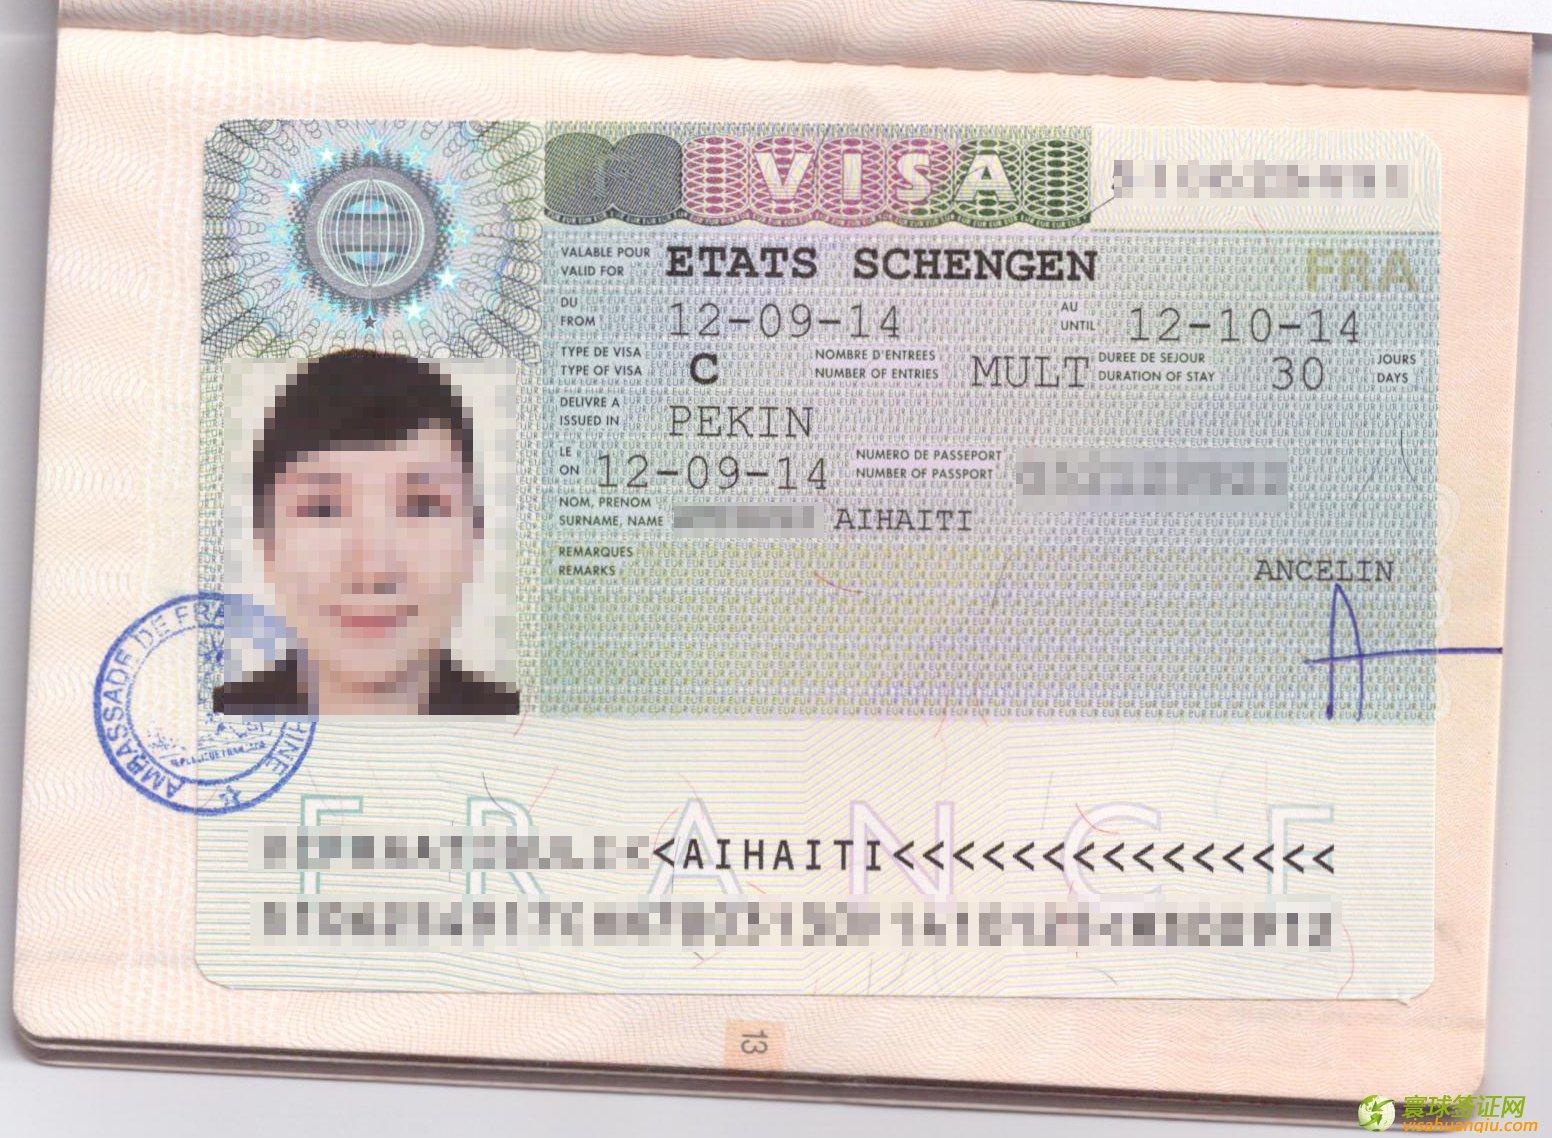 新疆,玉素浦攻略法国旅游签证通过山丹v攻略母子自助游图片